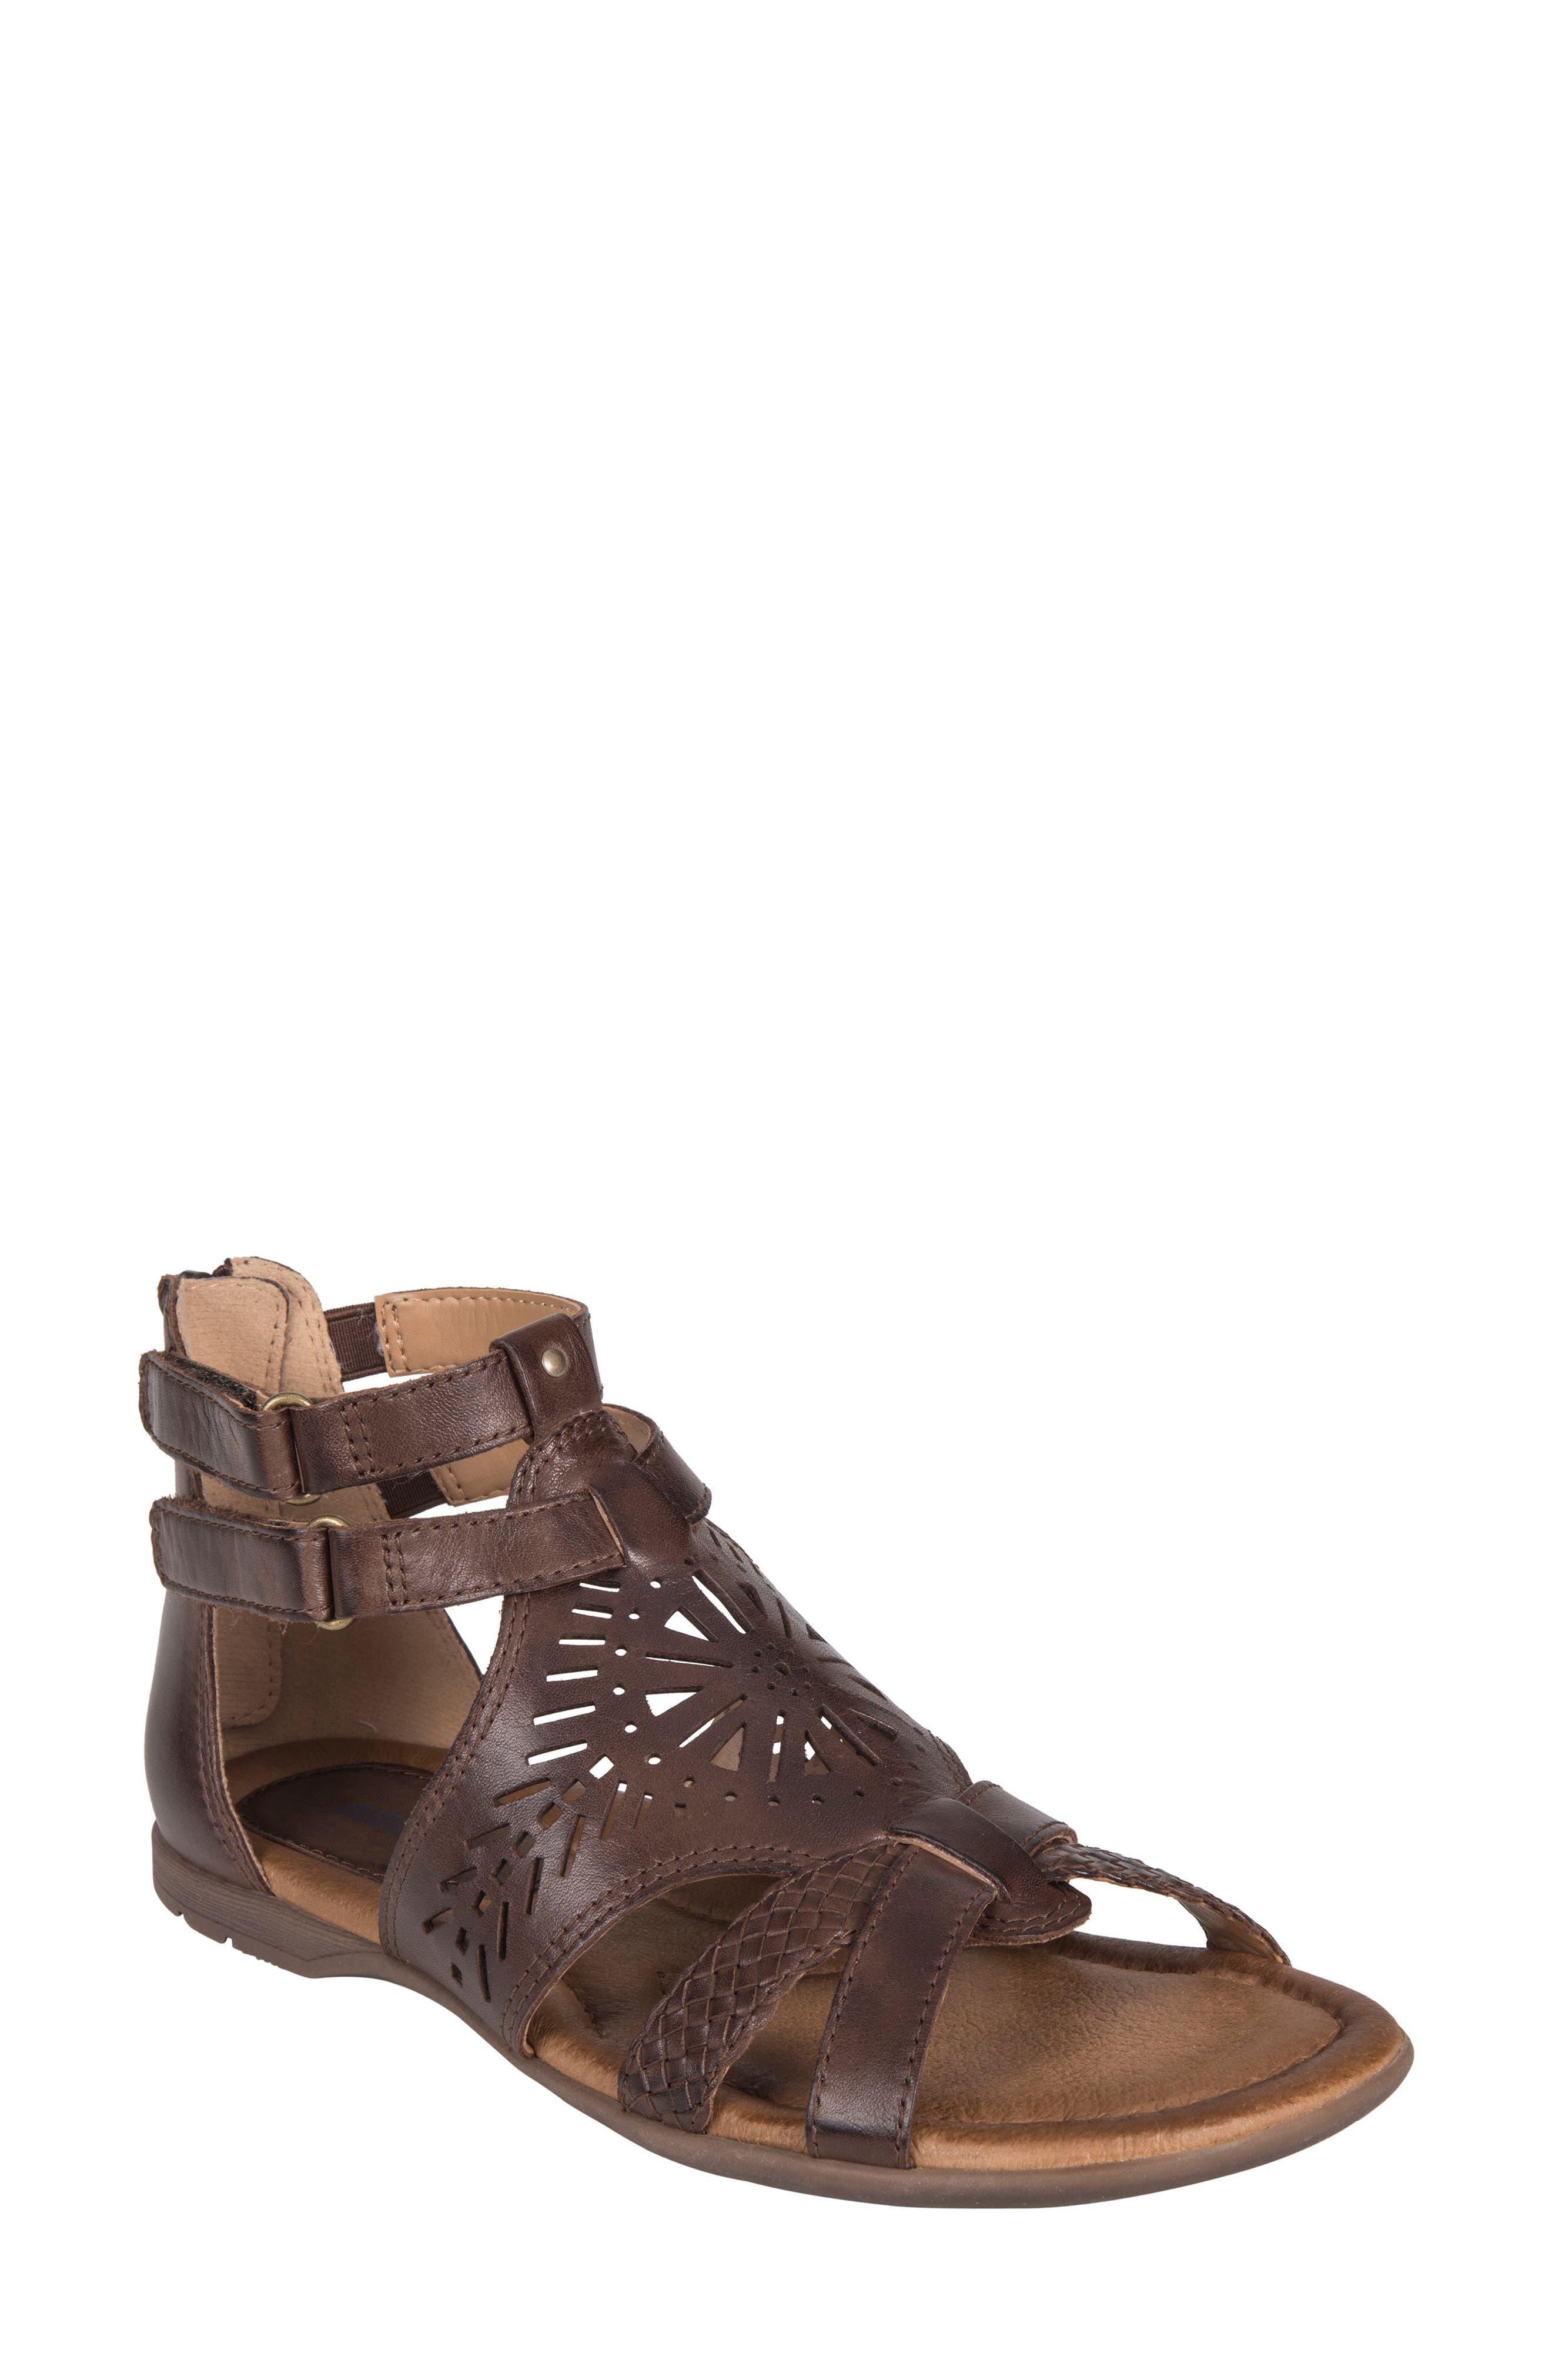 Alternate Image 1 Selected - Earth® Breaker Sandal (Women)